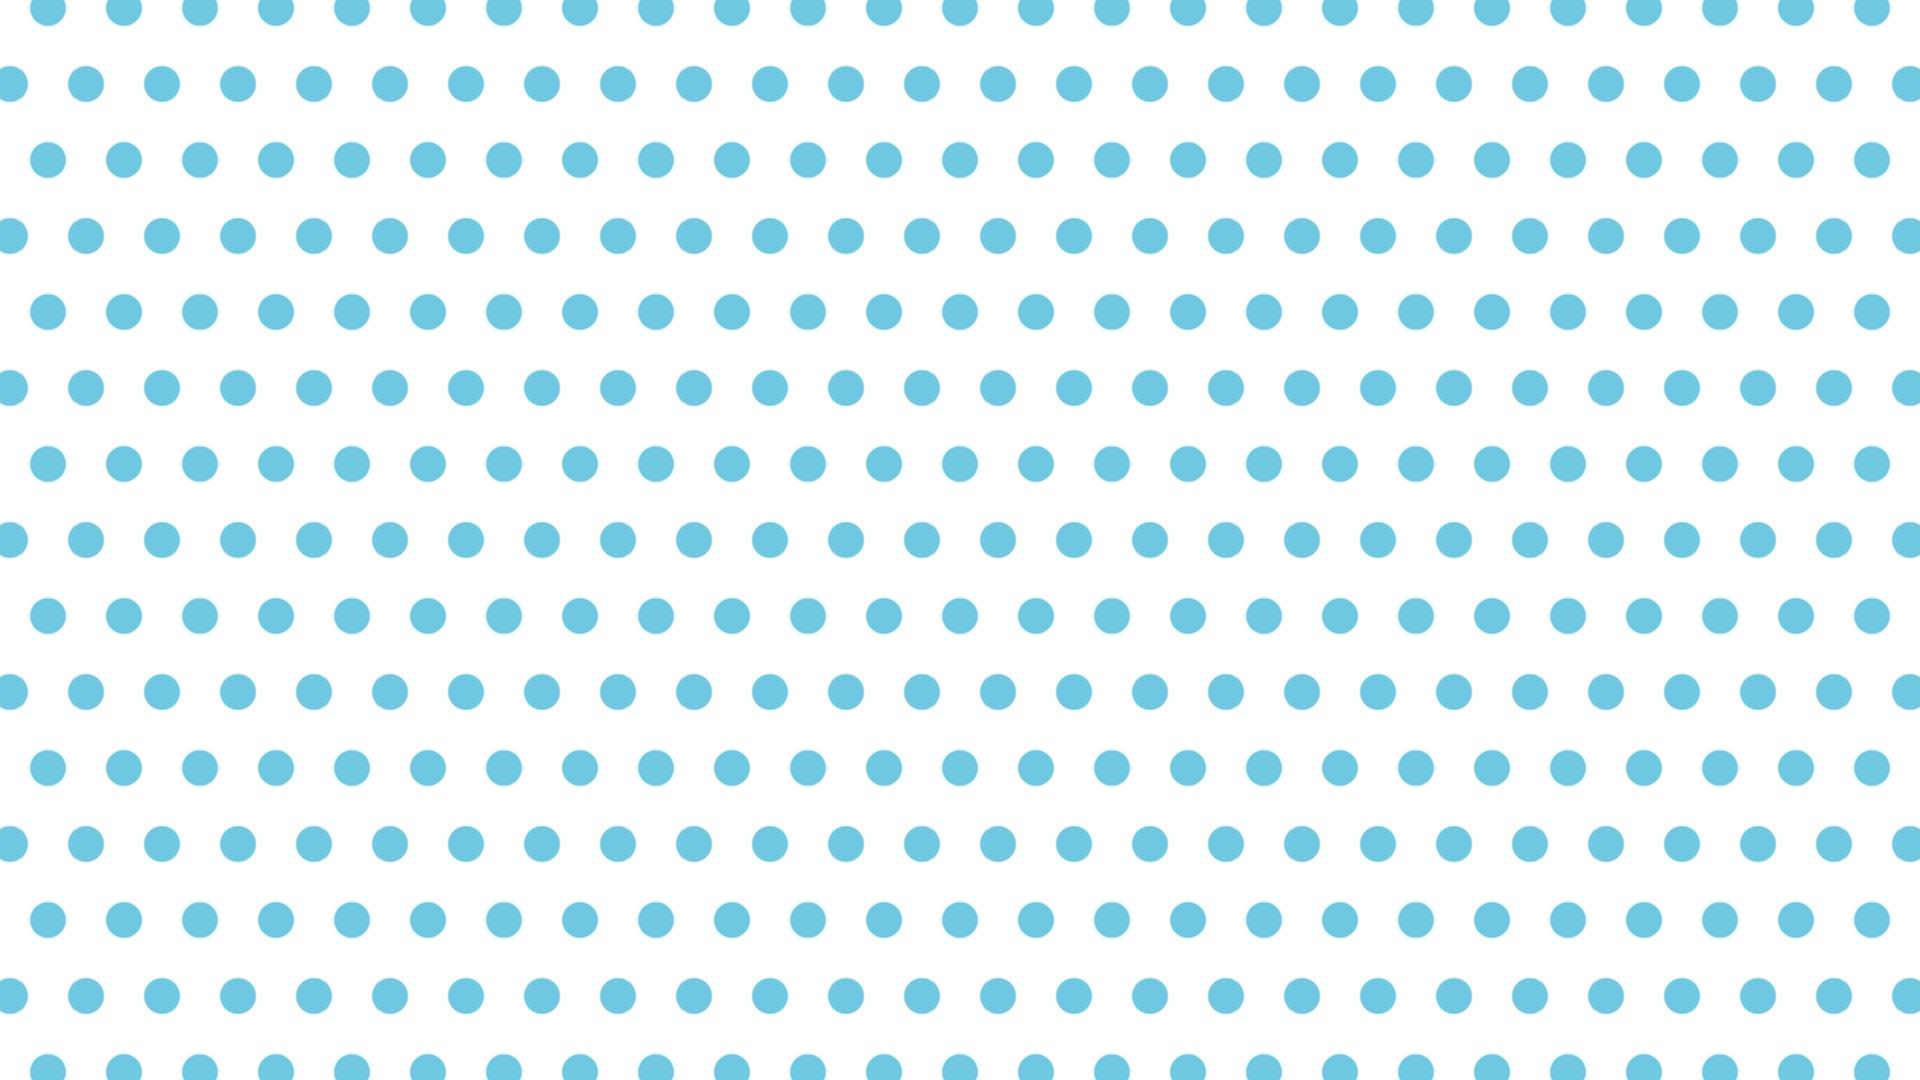 小さい青いドット背景。1920×1080